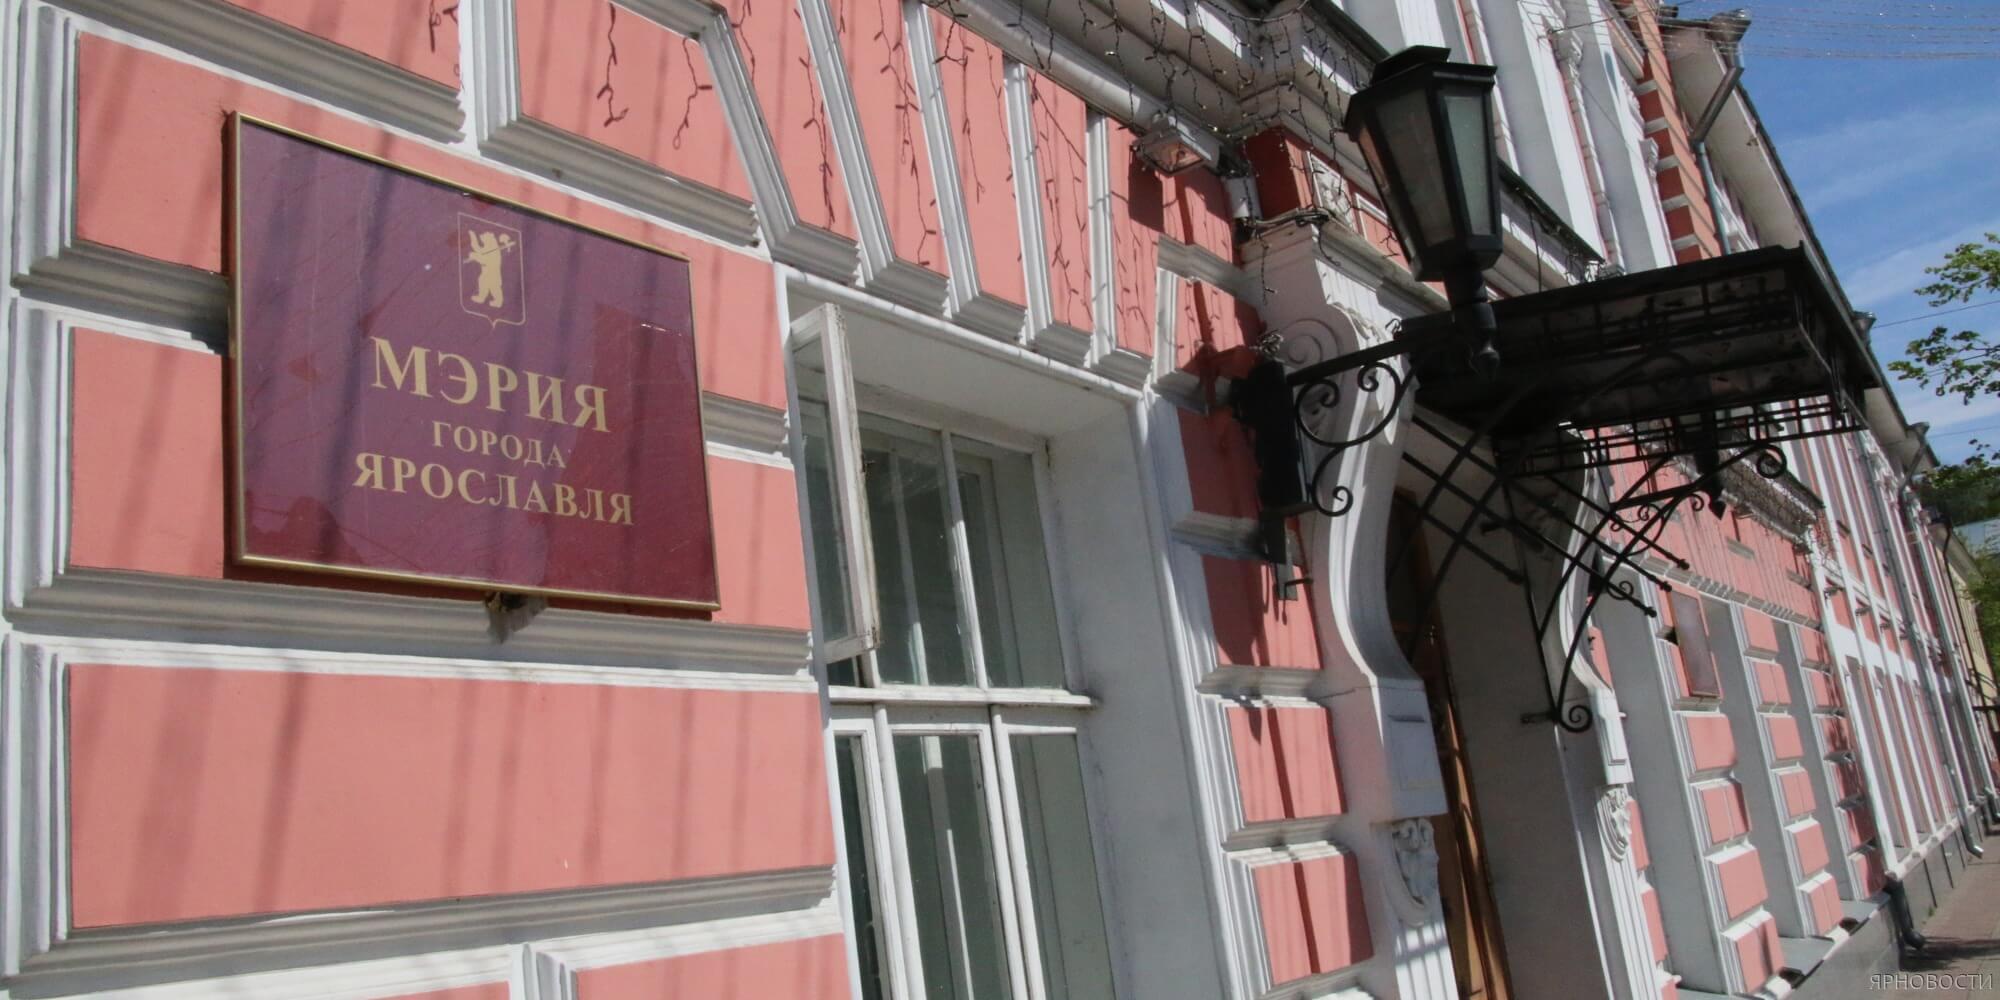 Завтра голосование по критическому бюджету Ярославля